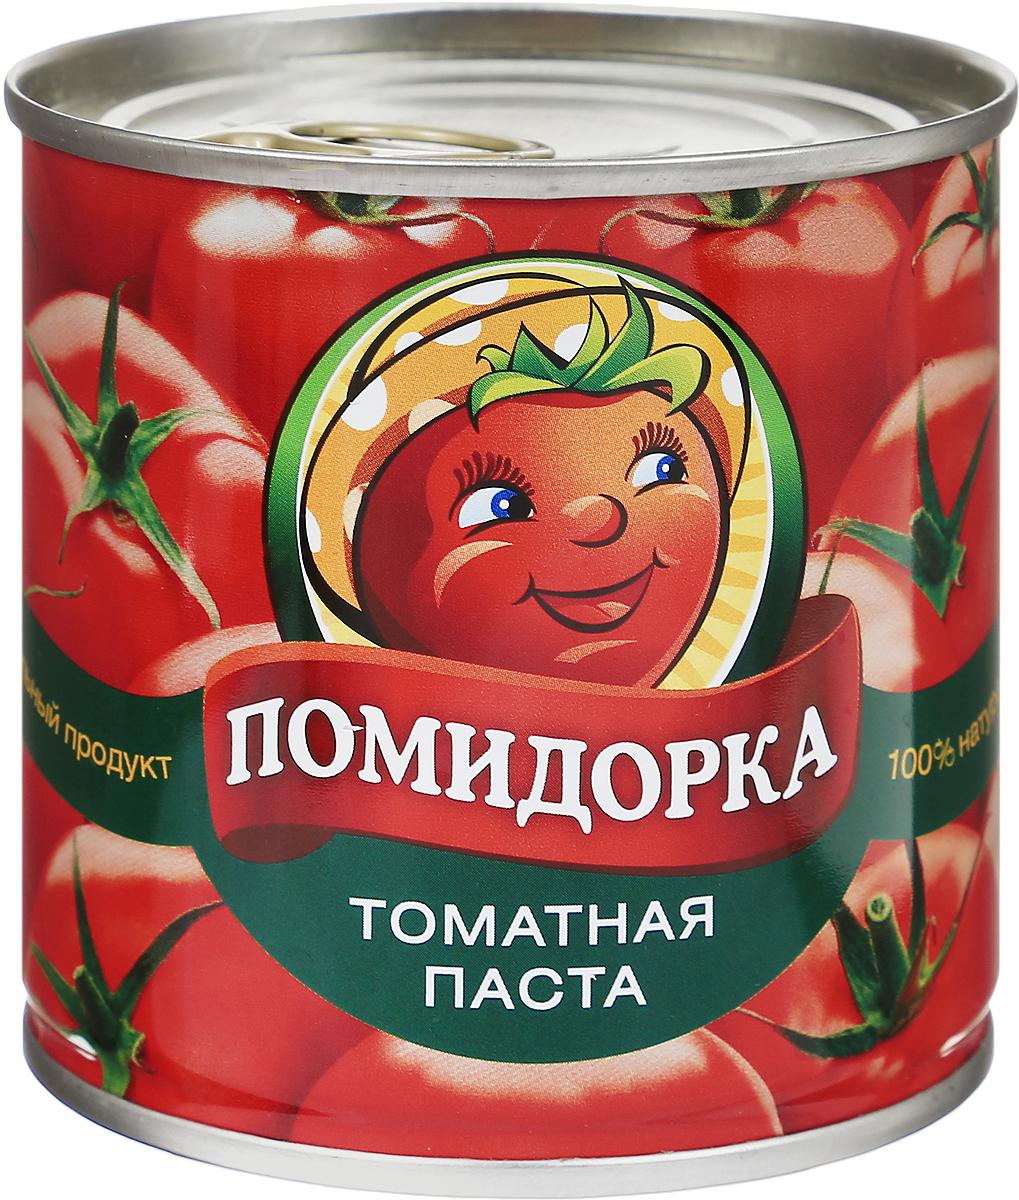 Помидорка Томатная паста, 250 г4654Томатная паста Помидорка - гармоничный продукт с оригинальным свежим вкусом, насыщенным цветом и ароматом. В ней отсутствуют искусственные пищевые добавки - это полностью натуральный продукт. Томатная паста Помидорка очень густая (содержит более 25-28% сухих веществ) и приготовлена только из помидоров.